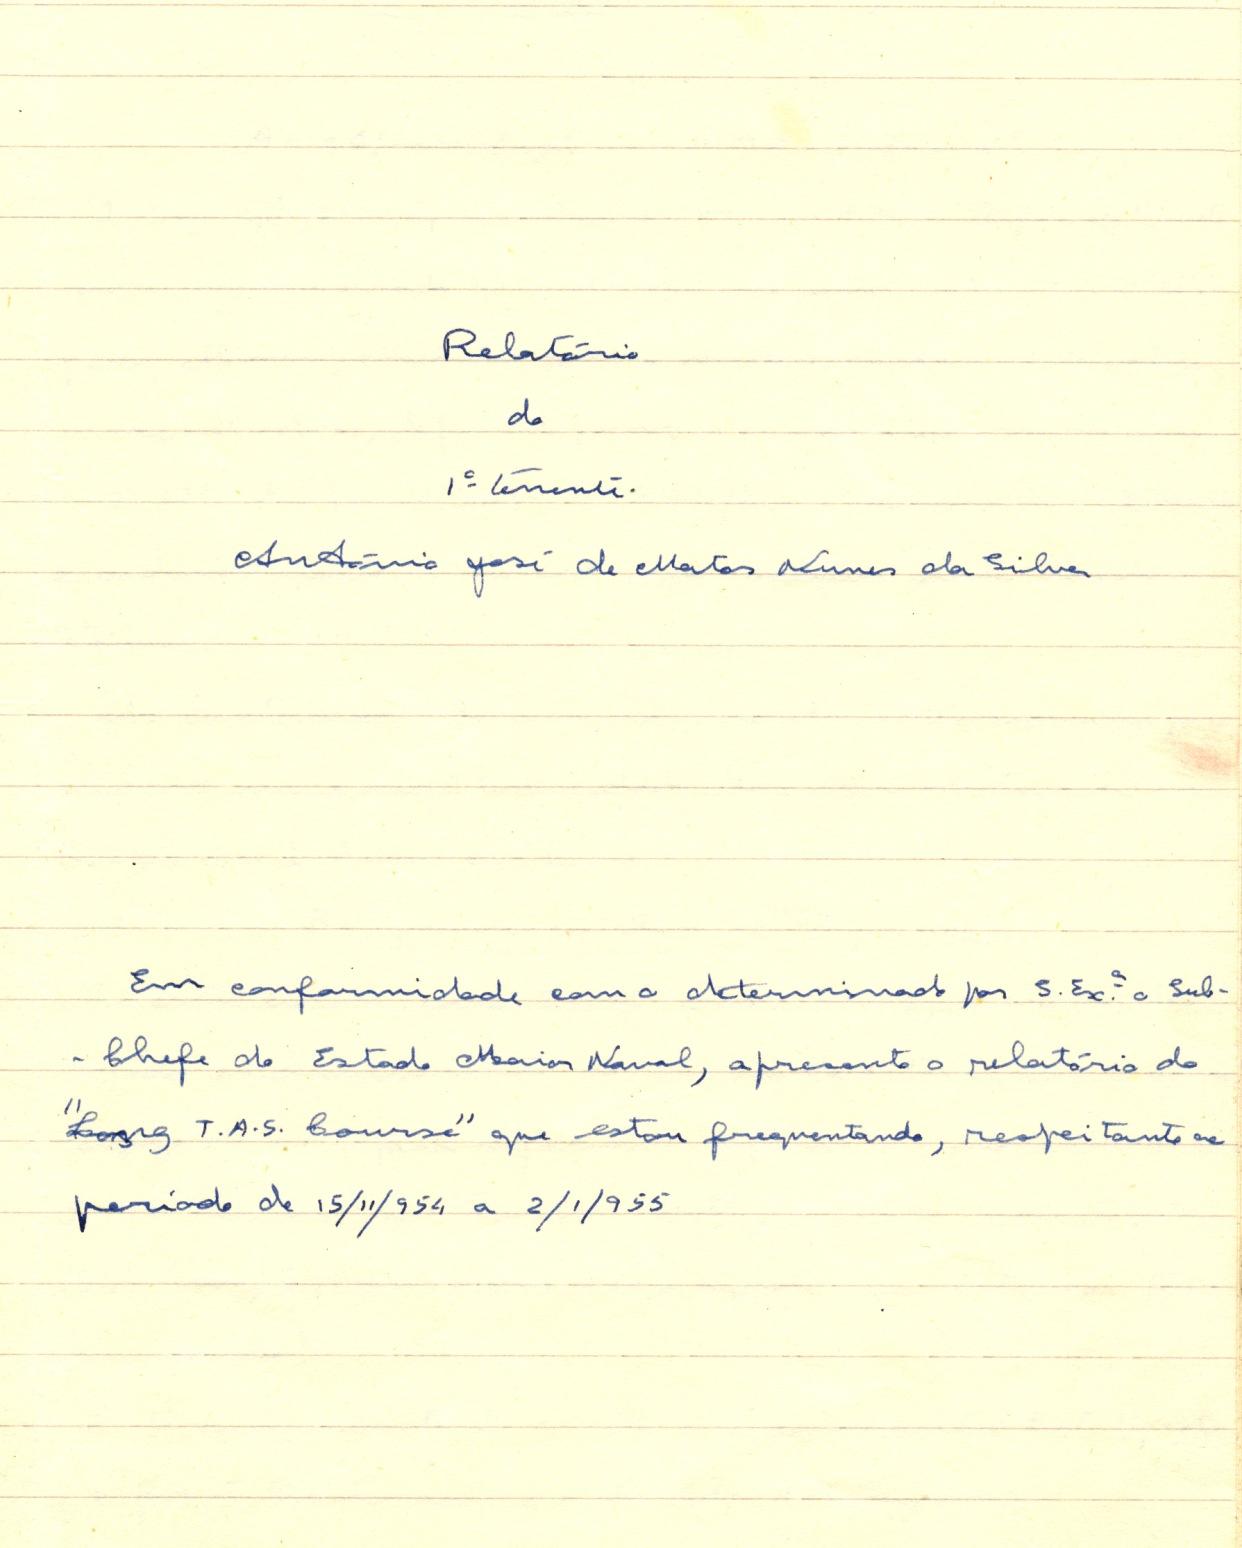 00277 955-01-02 extracto de cópia do meu 1º relatório de HMS Defience identificando alunos e instrutores -pg 1